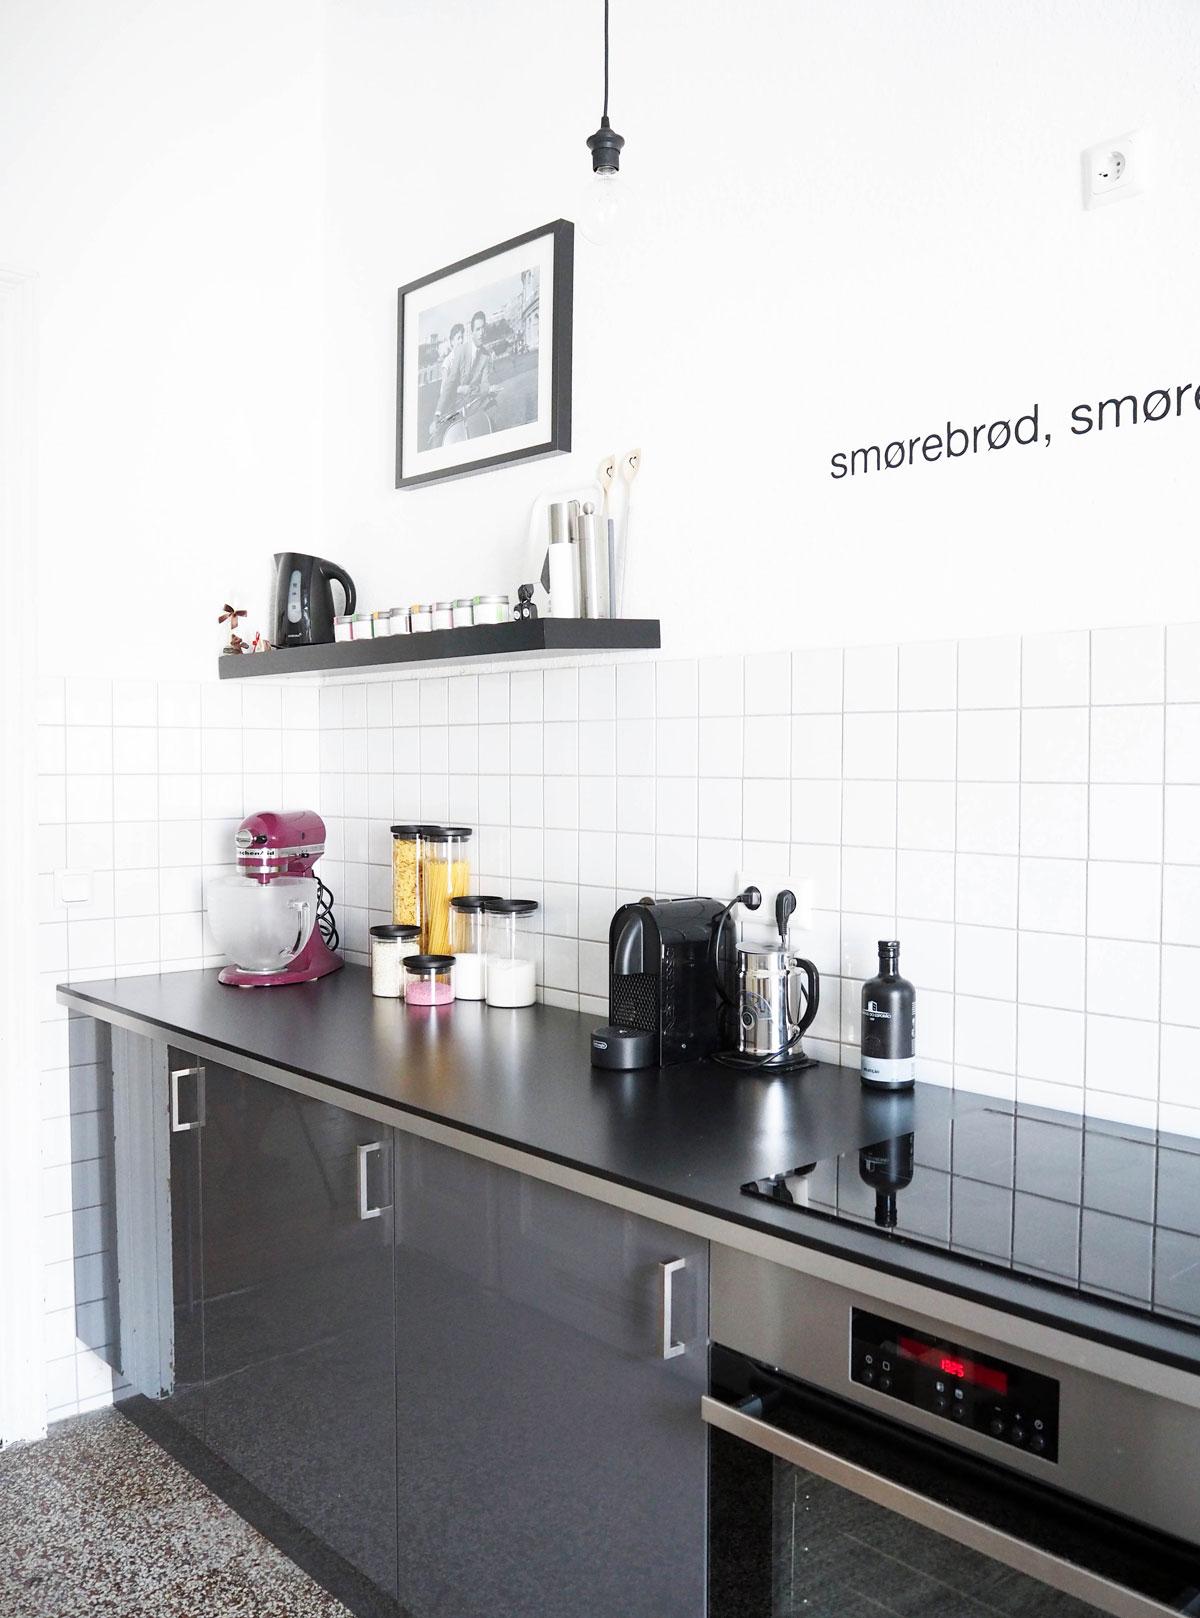 20170521-Homestory-Lieblings-Blog-Wiesbaden-Christina-schwarze-Küche-Kitchen-Aid